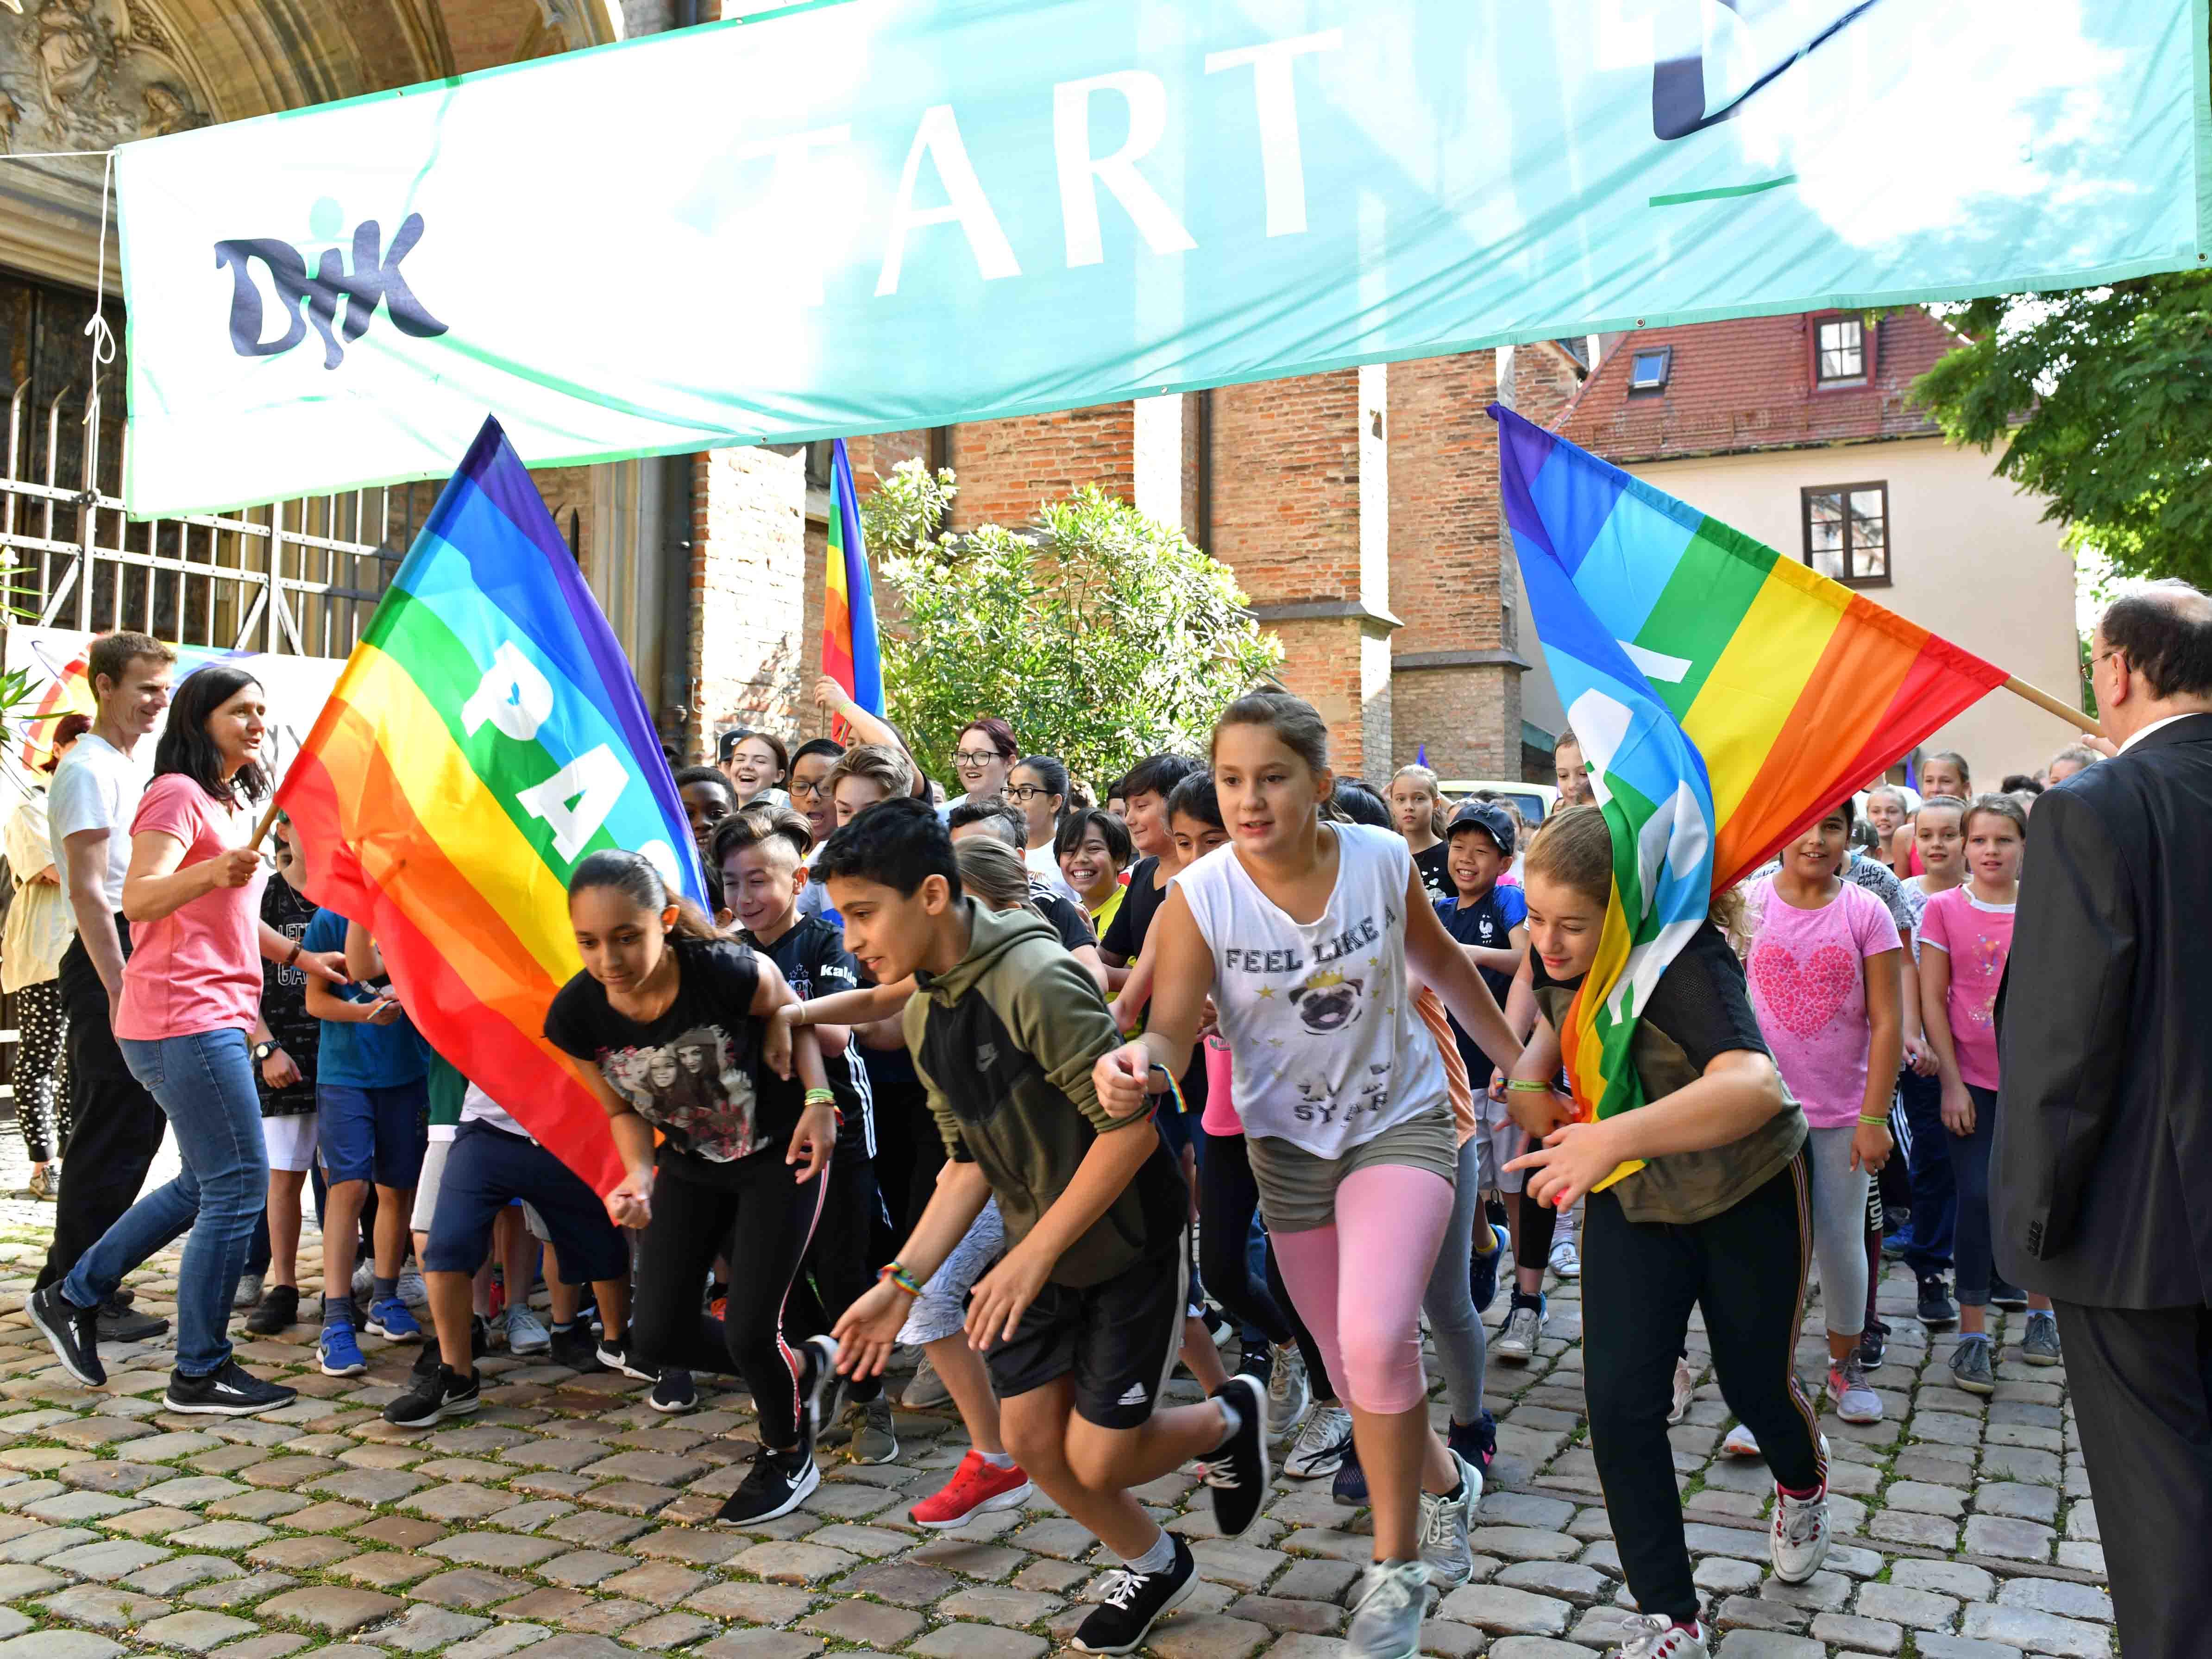 Laufen für den guten Zweck beim Interreligiösen Augsburger Friedenslauf. (Archivfoto: Nicolas Schnall / pba)